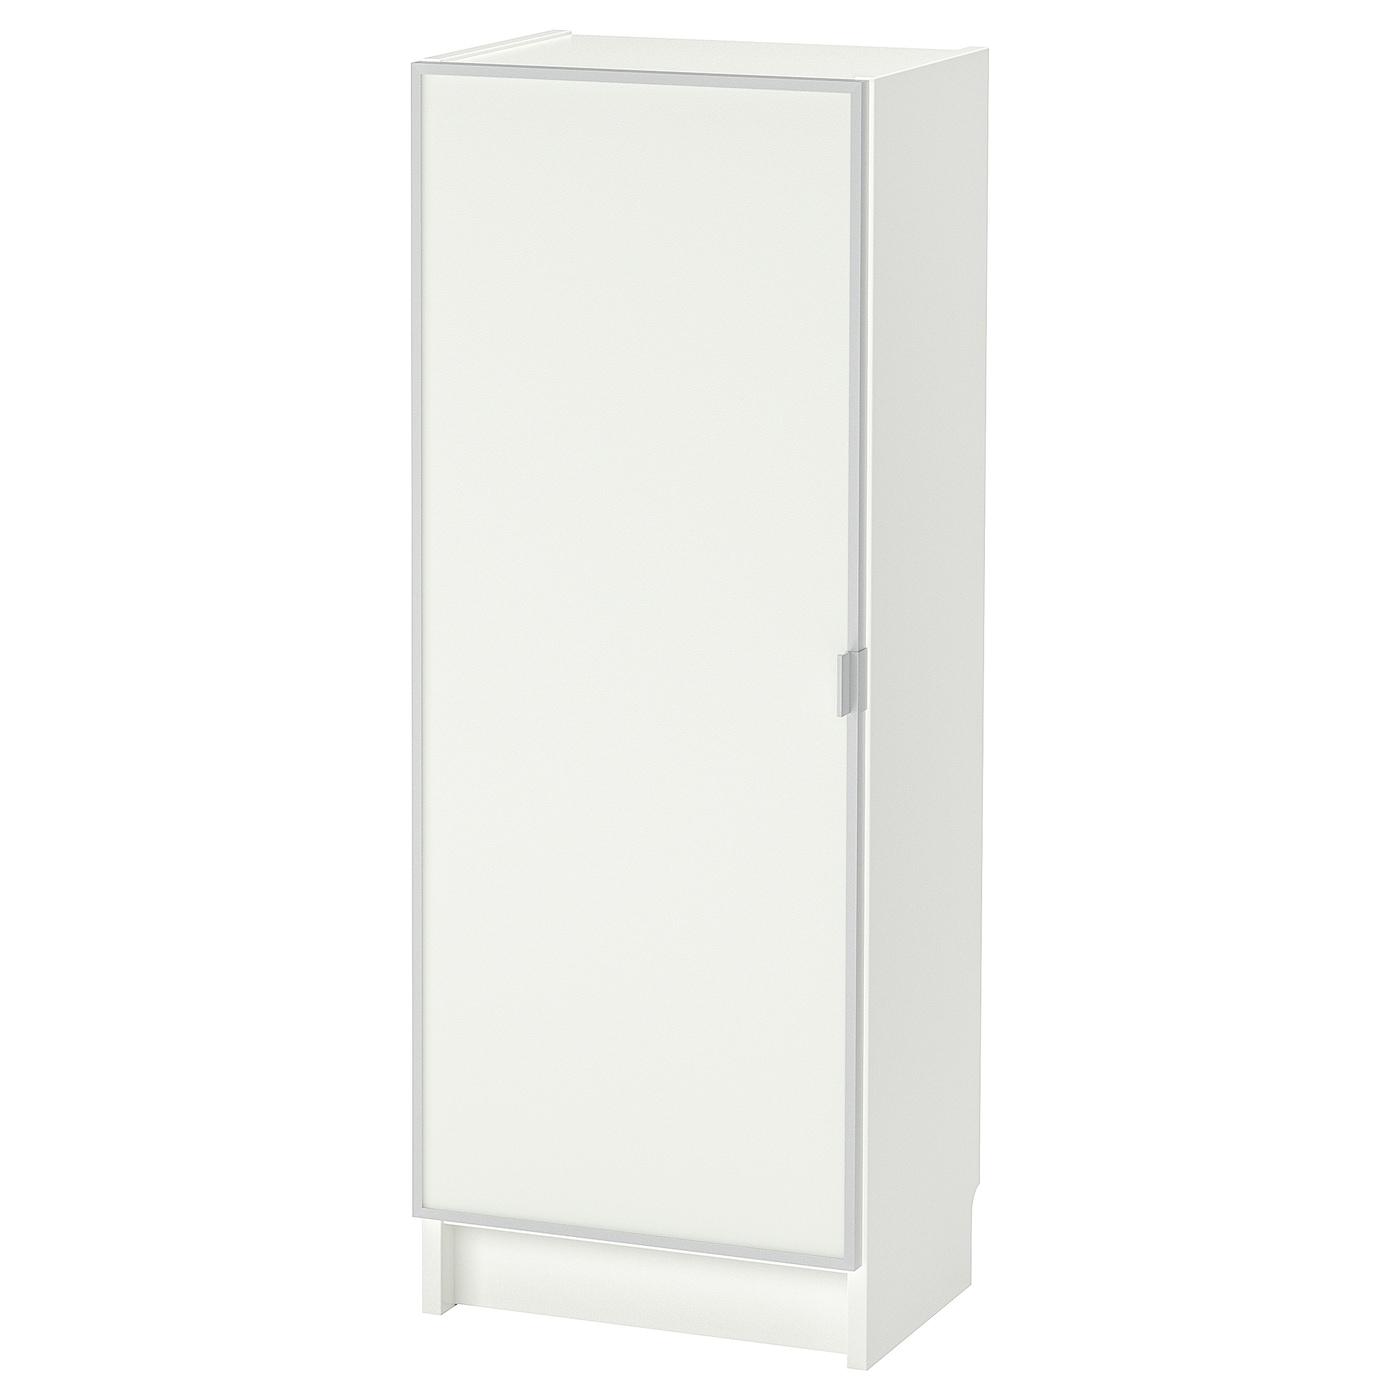 IKEA BILLY / MORLIDEN Regał, biały, szkło, 40x30x106 cm